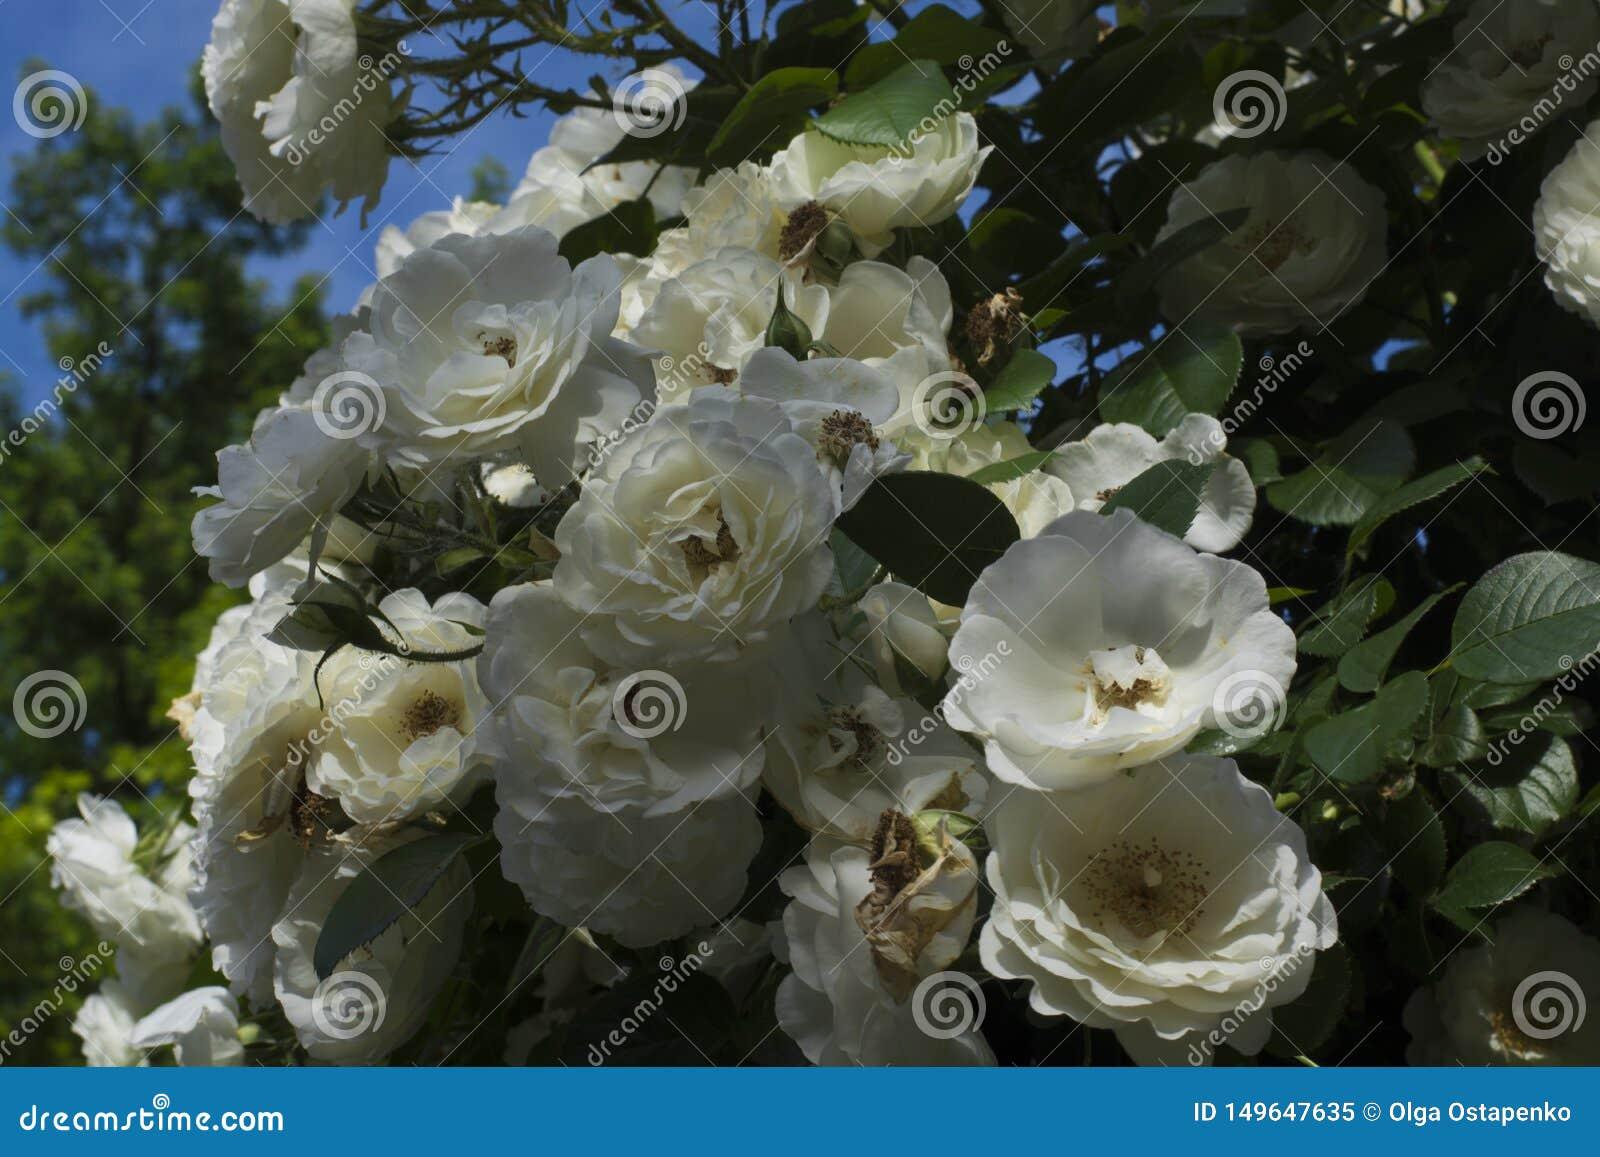 Vele rozen op de struik in de blauwe hemel